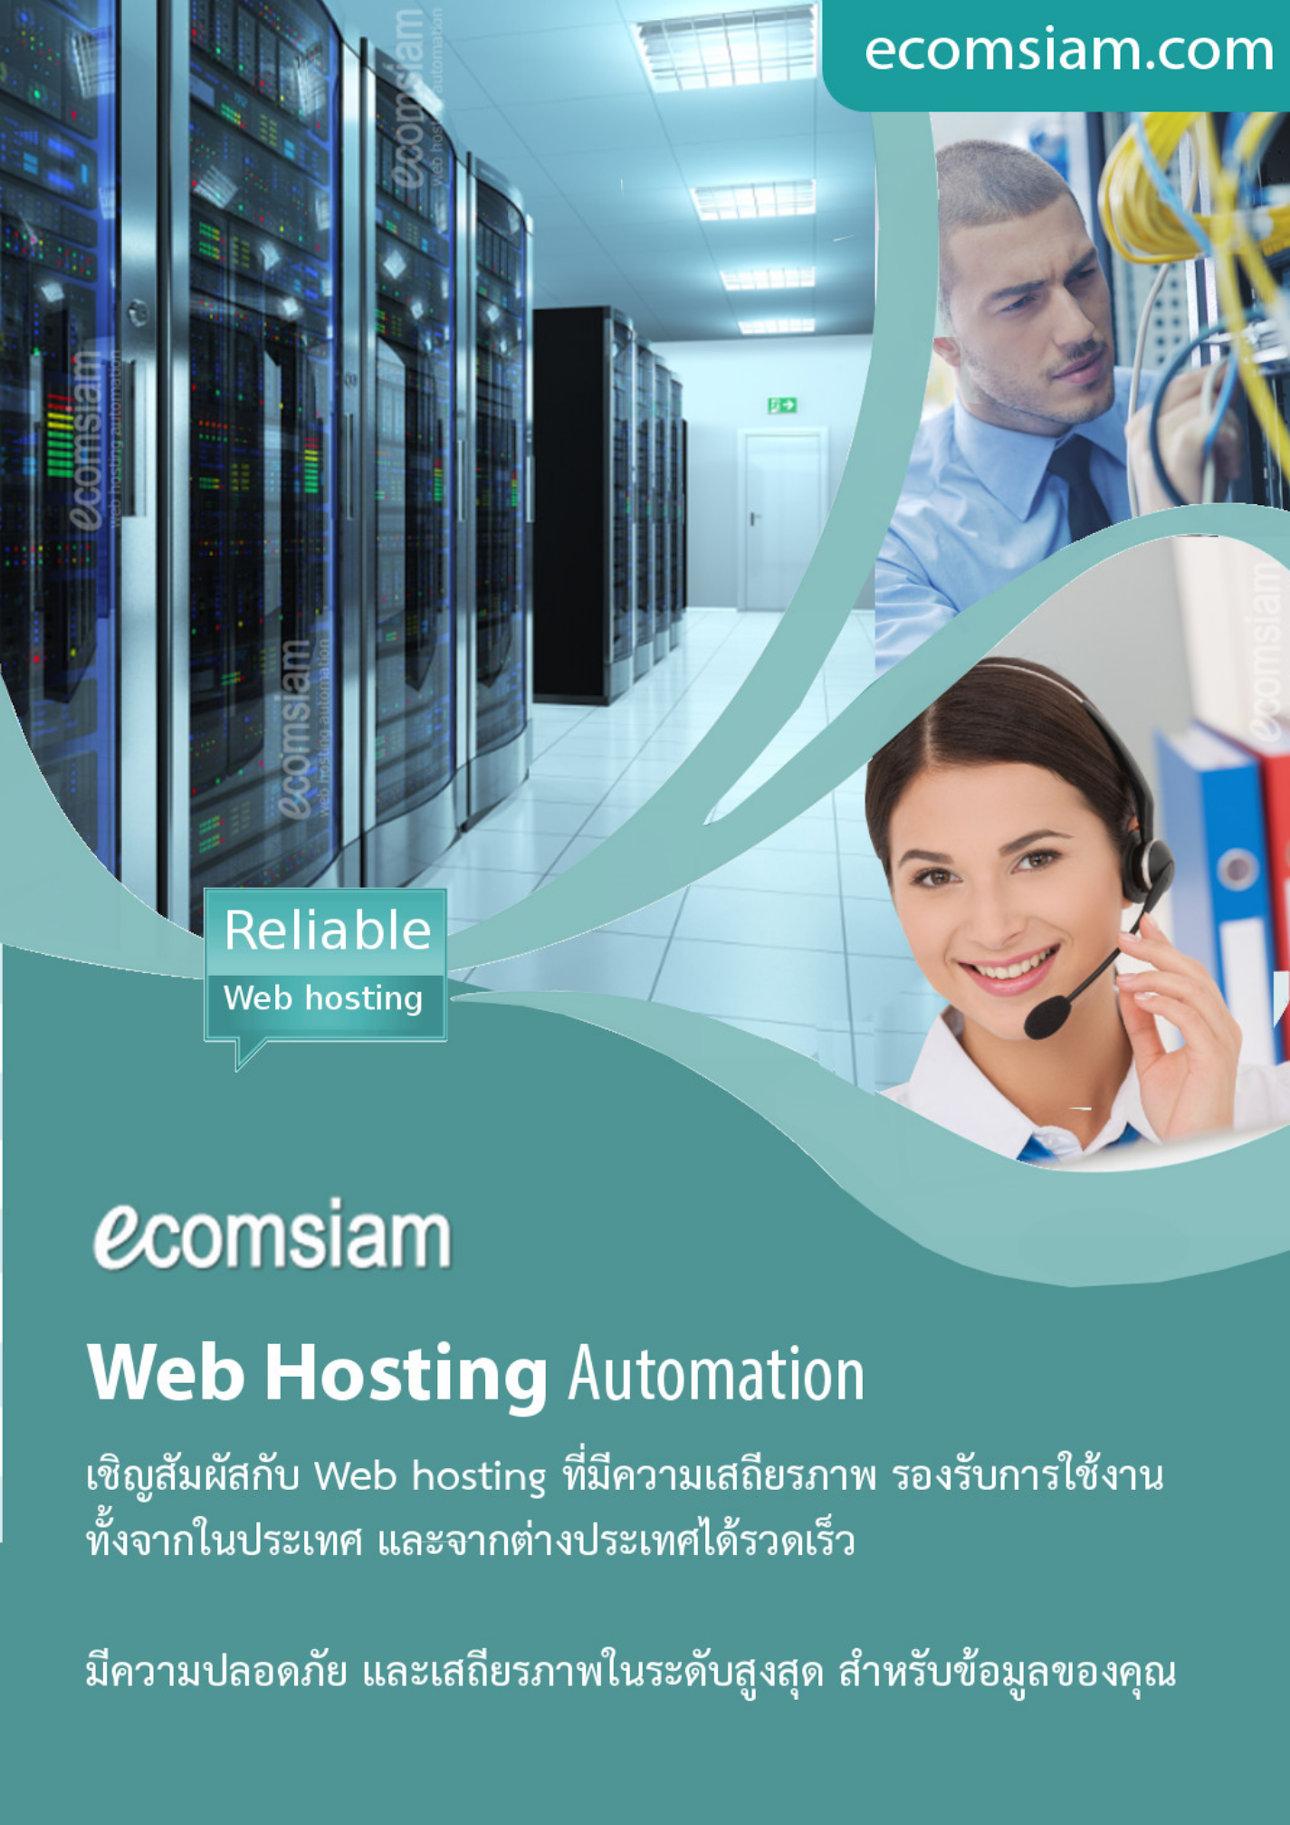 แนะนำ web hosting datacenter ไทย พื้นที่มาก ราคาไม่แพง ปลอดภัย ฟรีโดเมน ฟรี SSL พร้อม Daily/week backup ป้องกันไวรัสจากอีเมล์ กรองสแปมเมล์ และอื่นๆอีกมากมาย